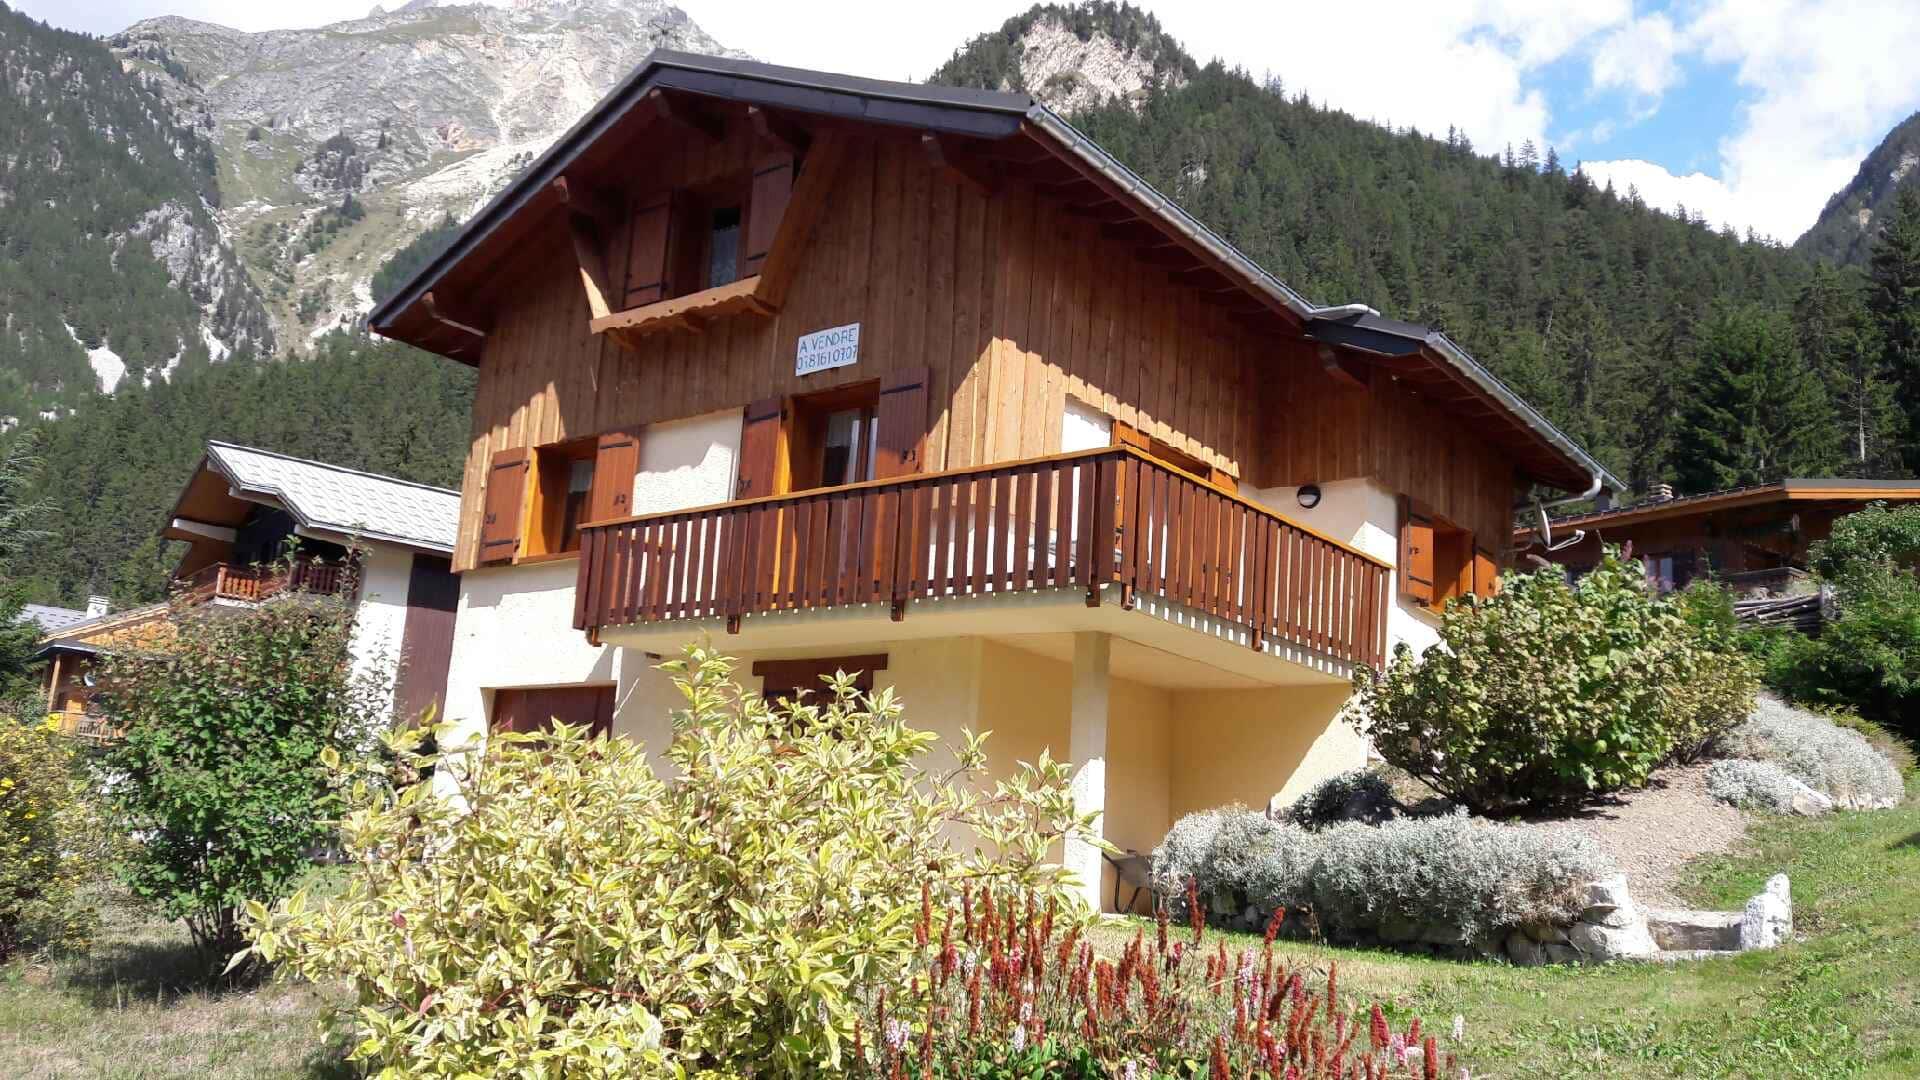 Maison 5 pièces 120 m² Pralognan la vanoise